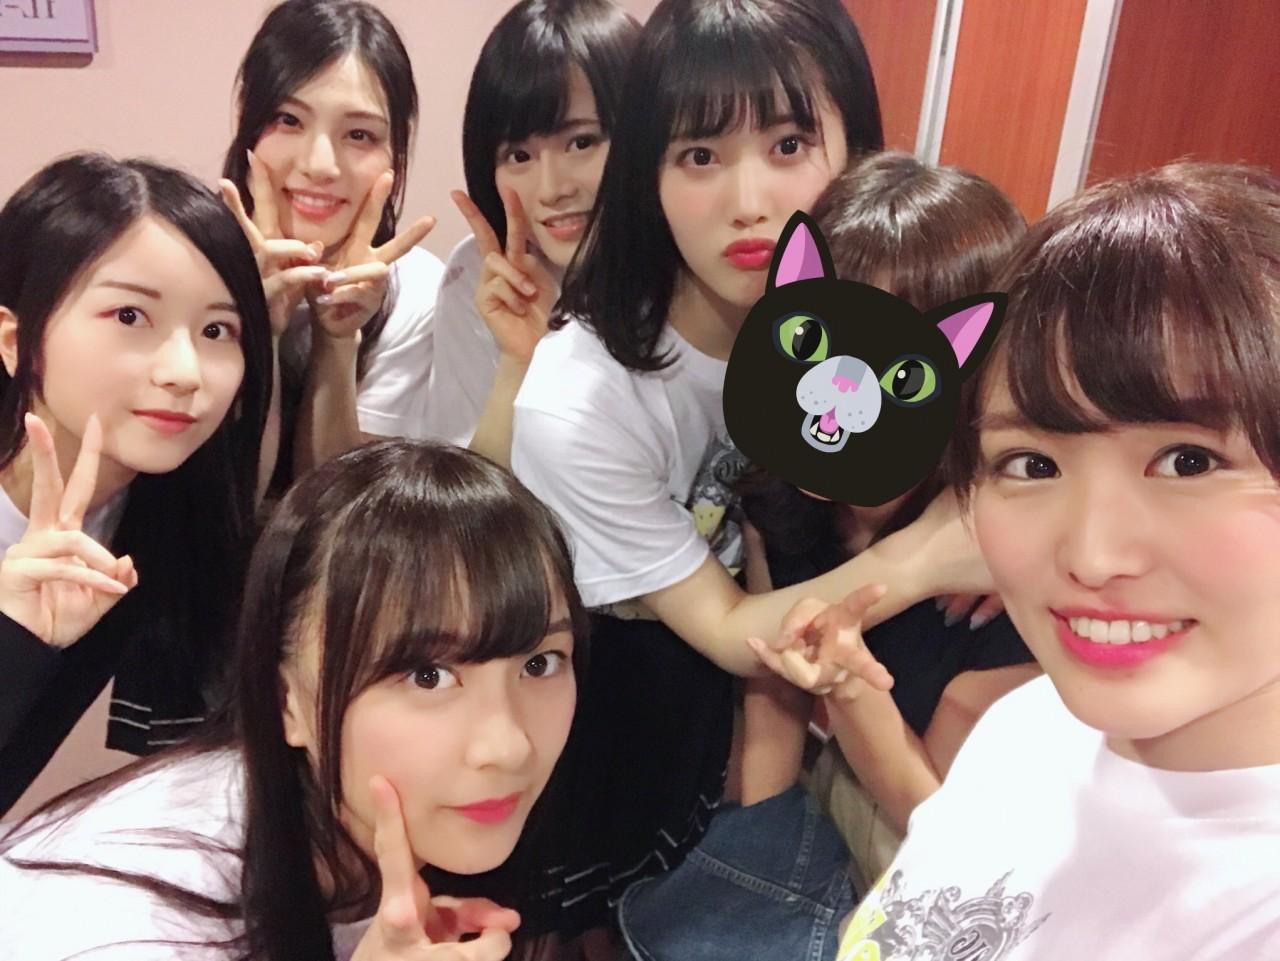 乃木坂46 アンダーライブ 矢田里沙子